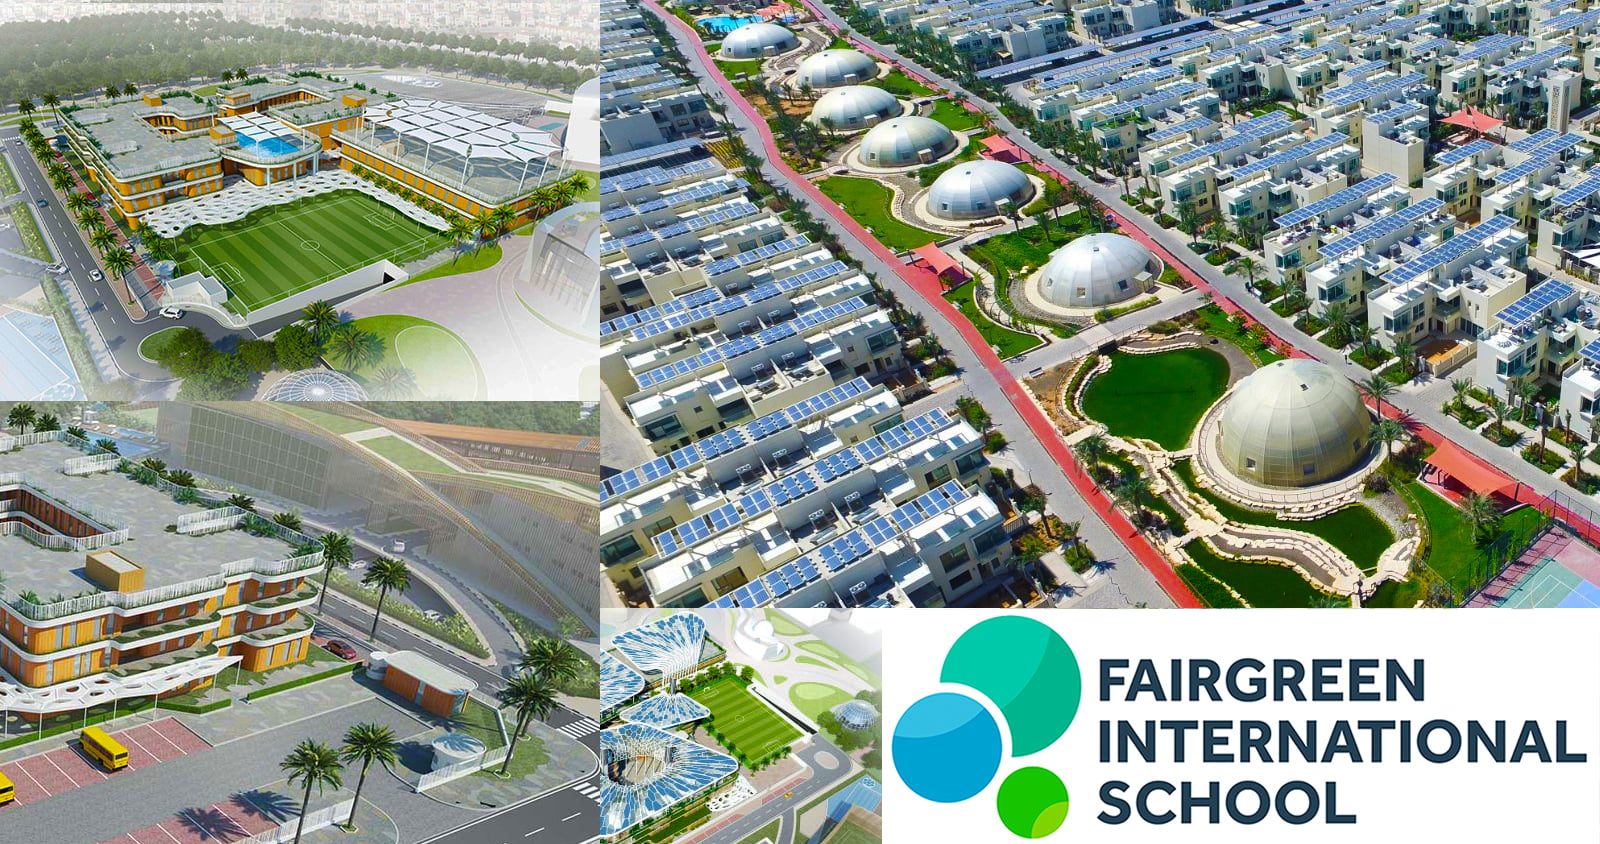 Isang koleksyon ng mga Larawan na nagpapakita ng Fairgreen International School at The Sustainable City sa Dubai